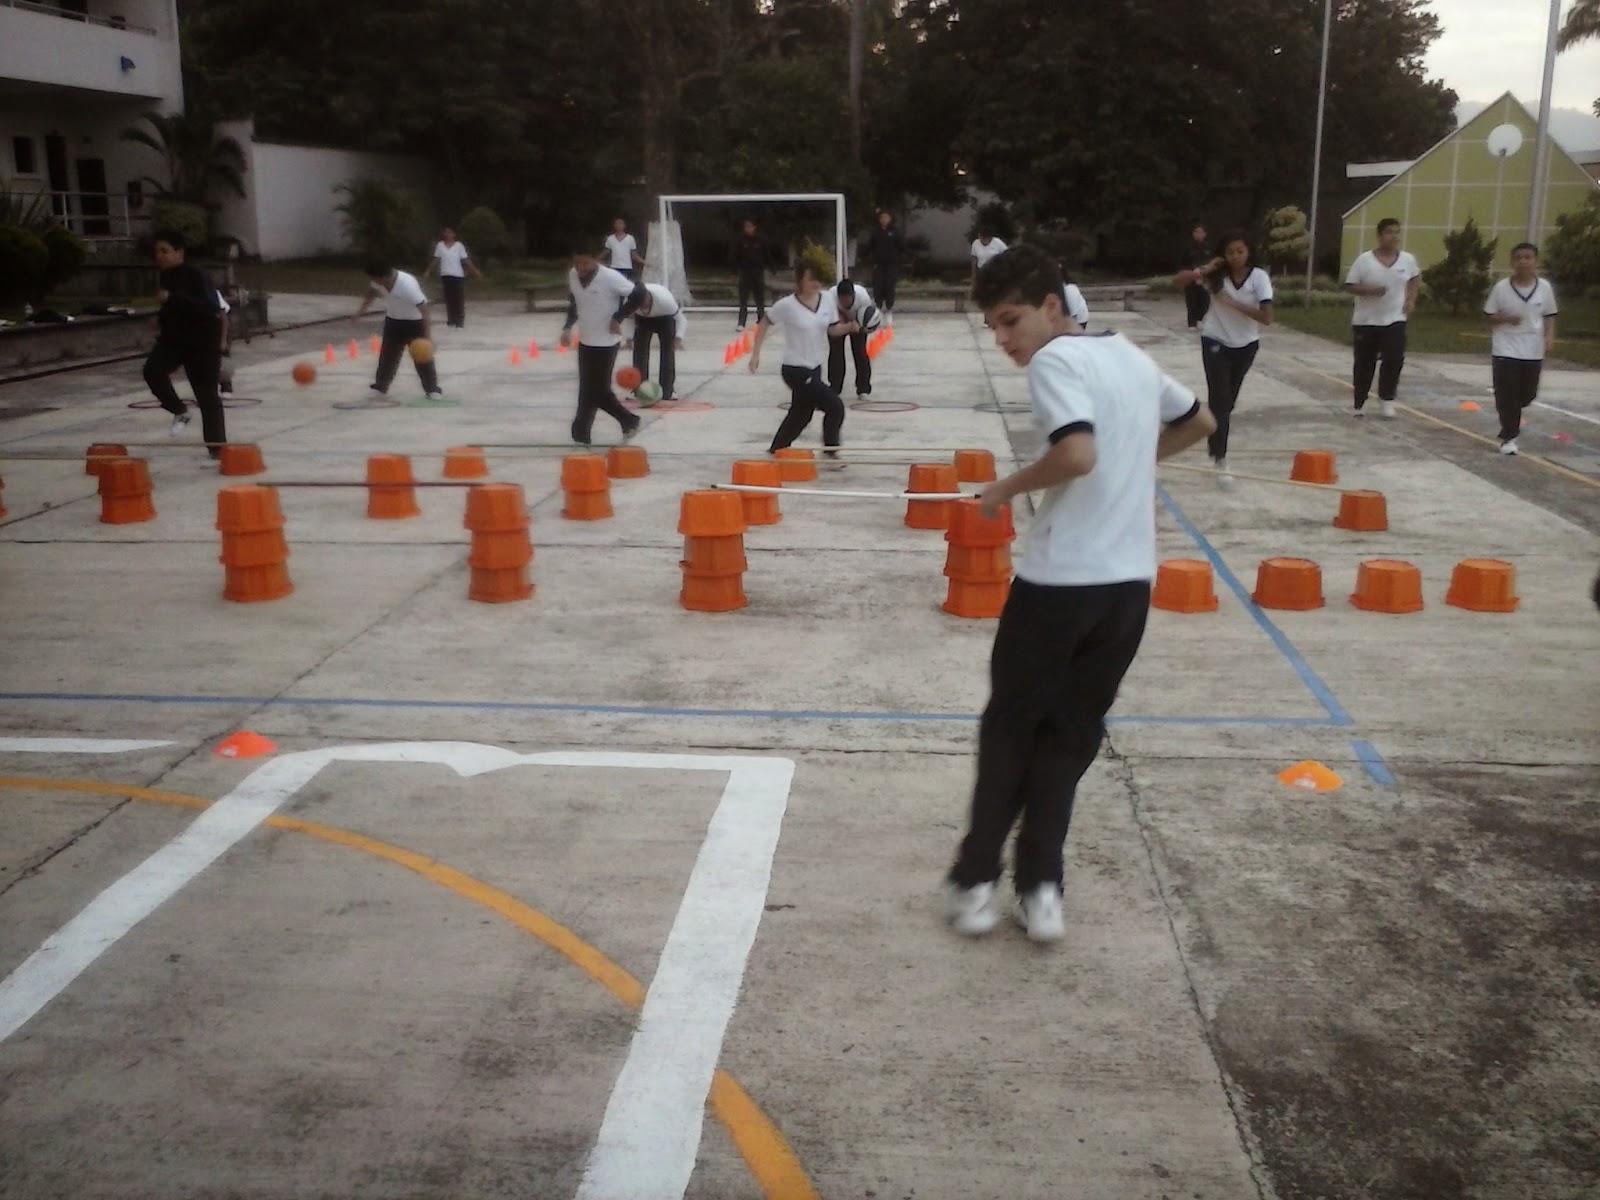 Circuito De Accion Motriz : Educación física ii circuito de acciÓn motriz evaluacion parcal